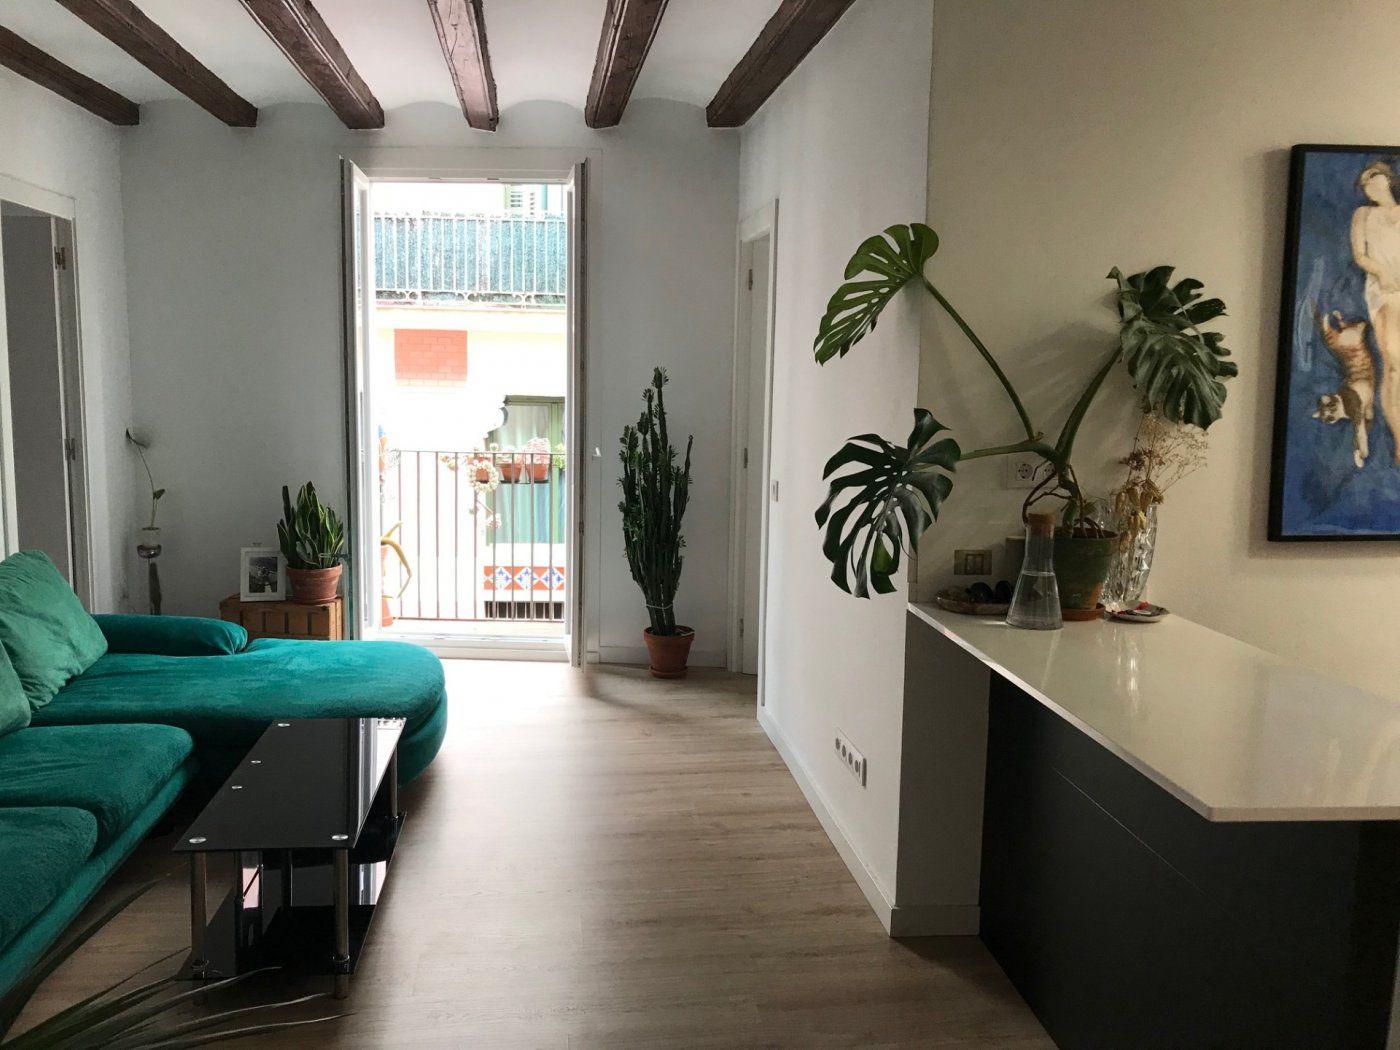 (Español) Precioso piso recién reformado muy cerca de Sant Antoni